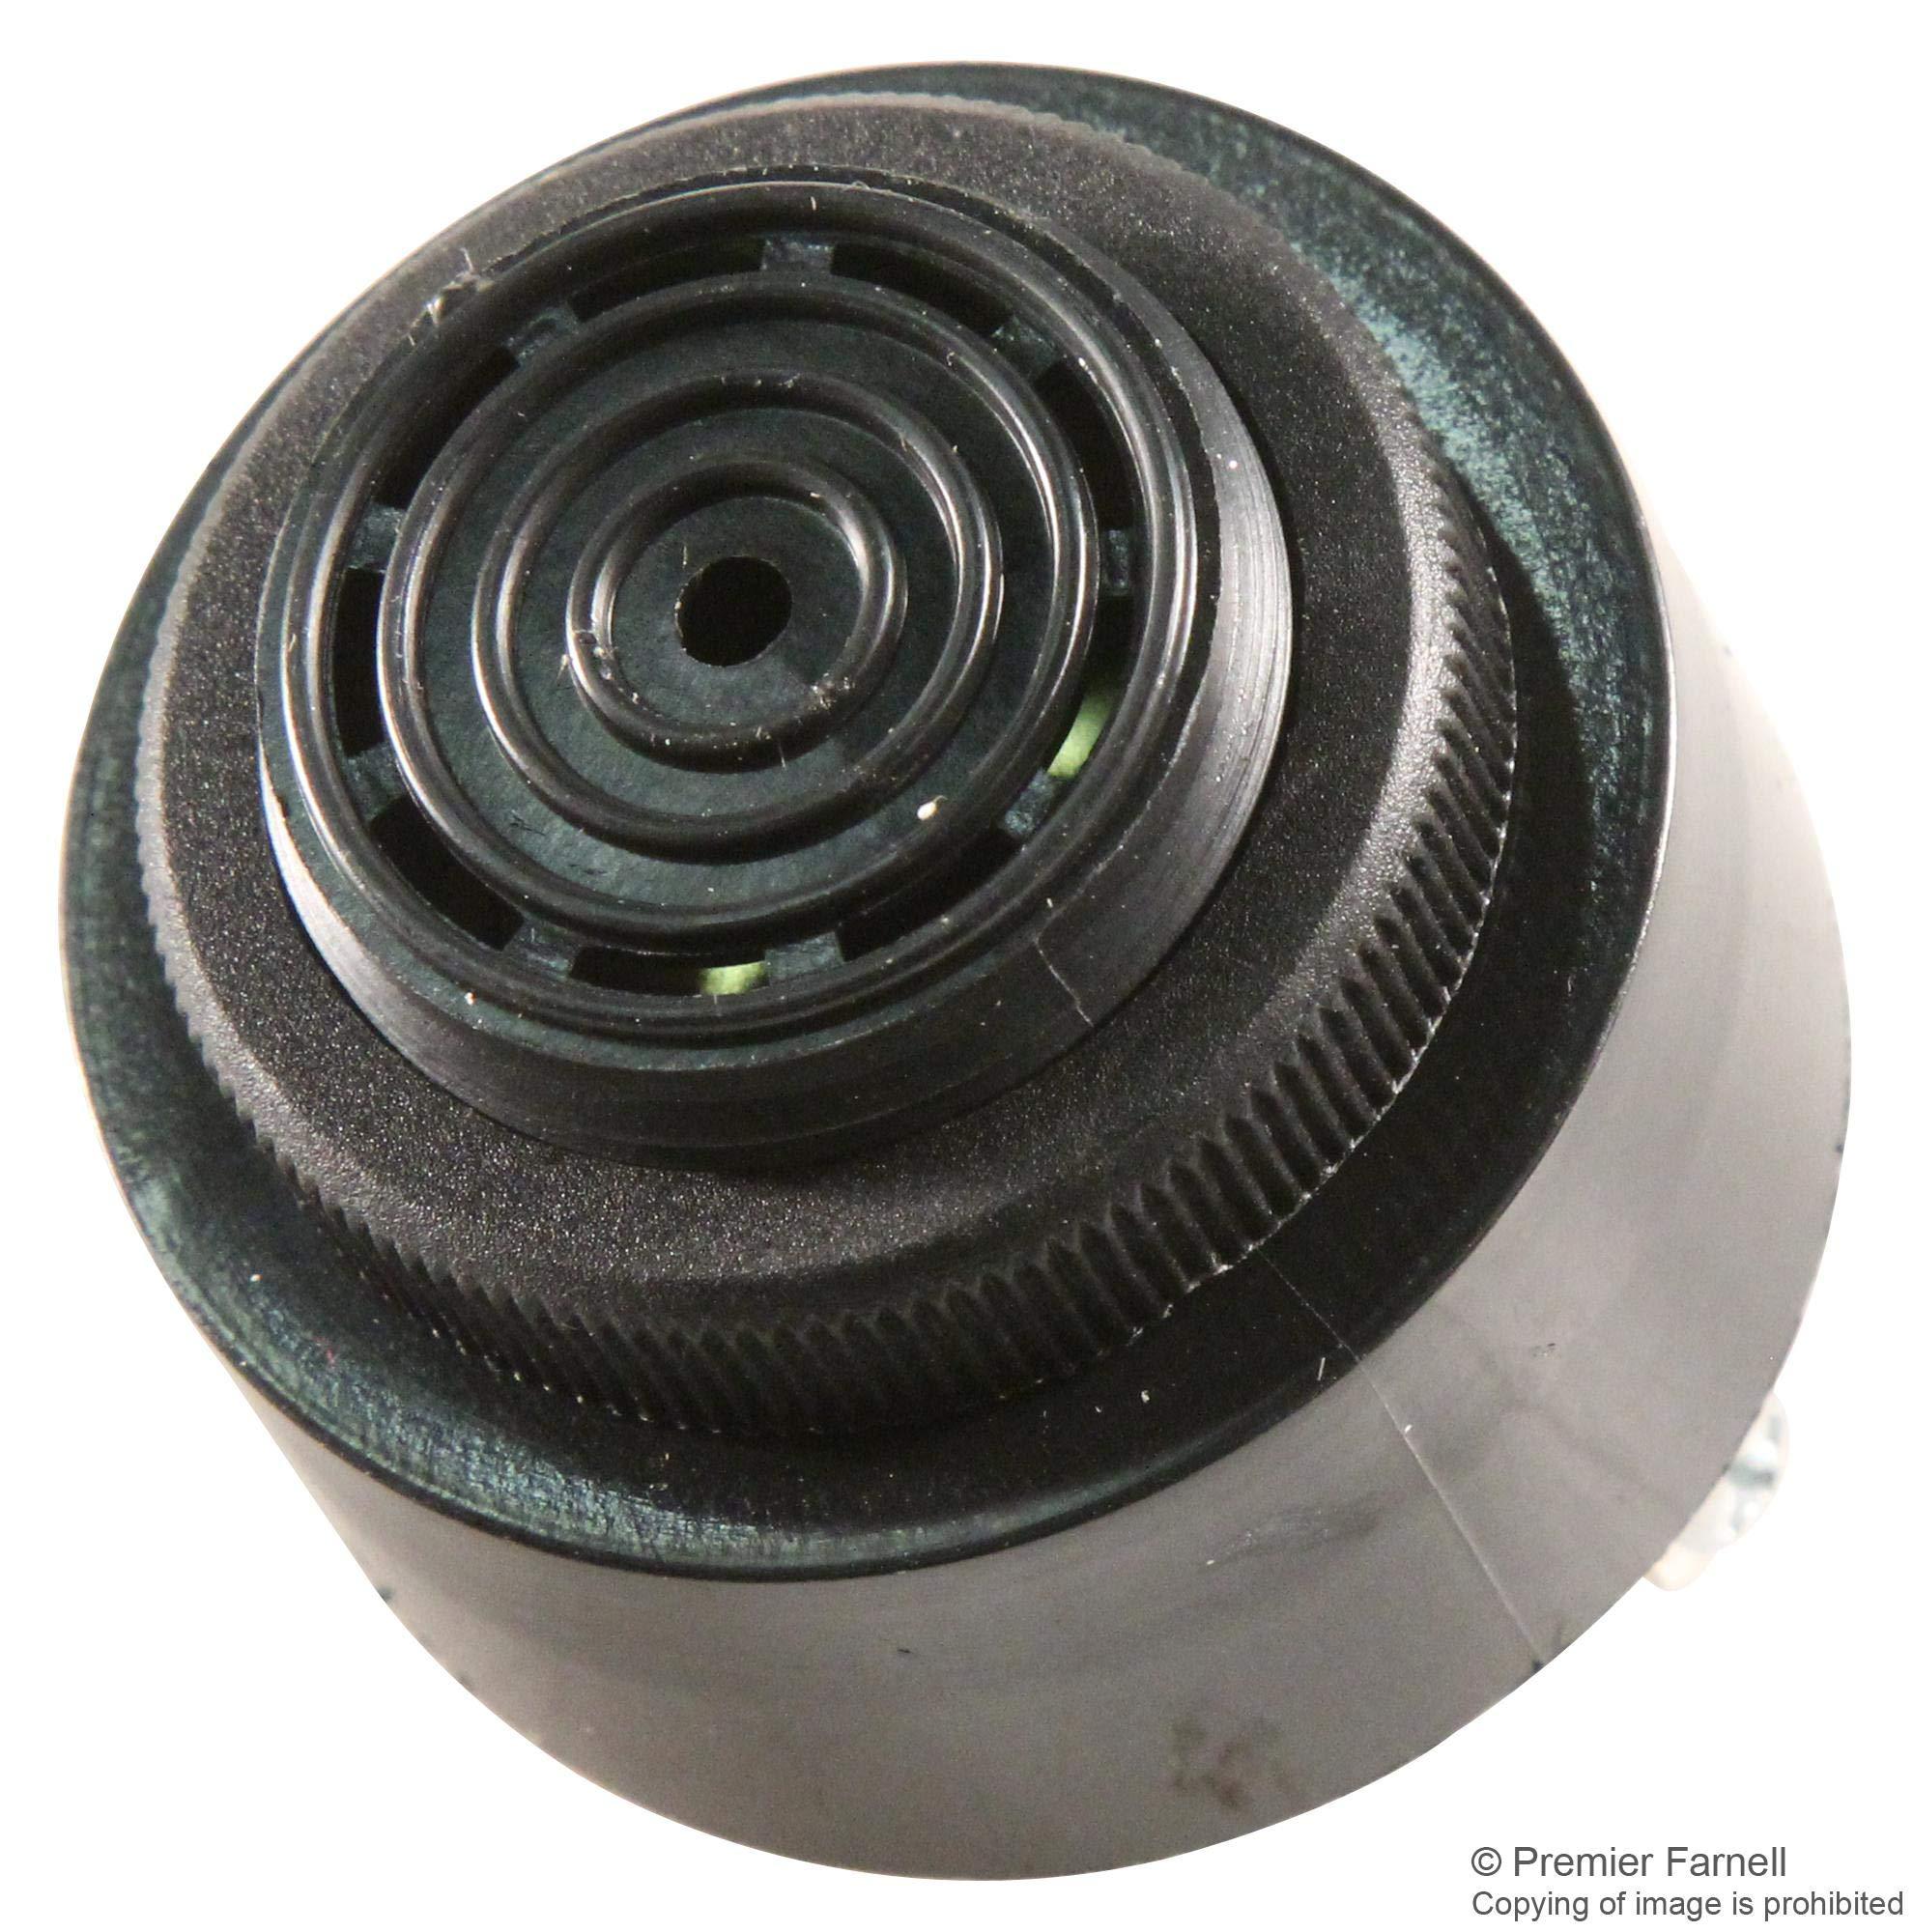 MCKPI-G4320-3677 - Transducer, Piezo, Buzzer, Buzzer, Continuous, 6 V, 28 V, 20 mA, 95 dB (MCKPI-G4320-3677) (Pack of 10) by MULTICOMP